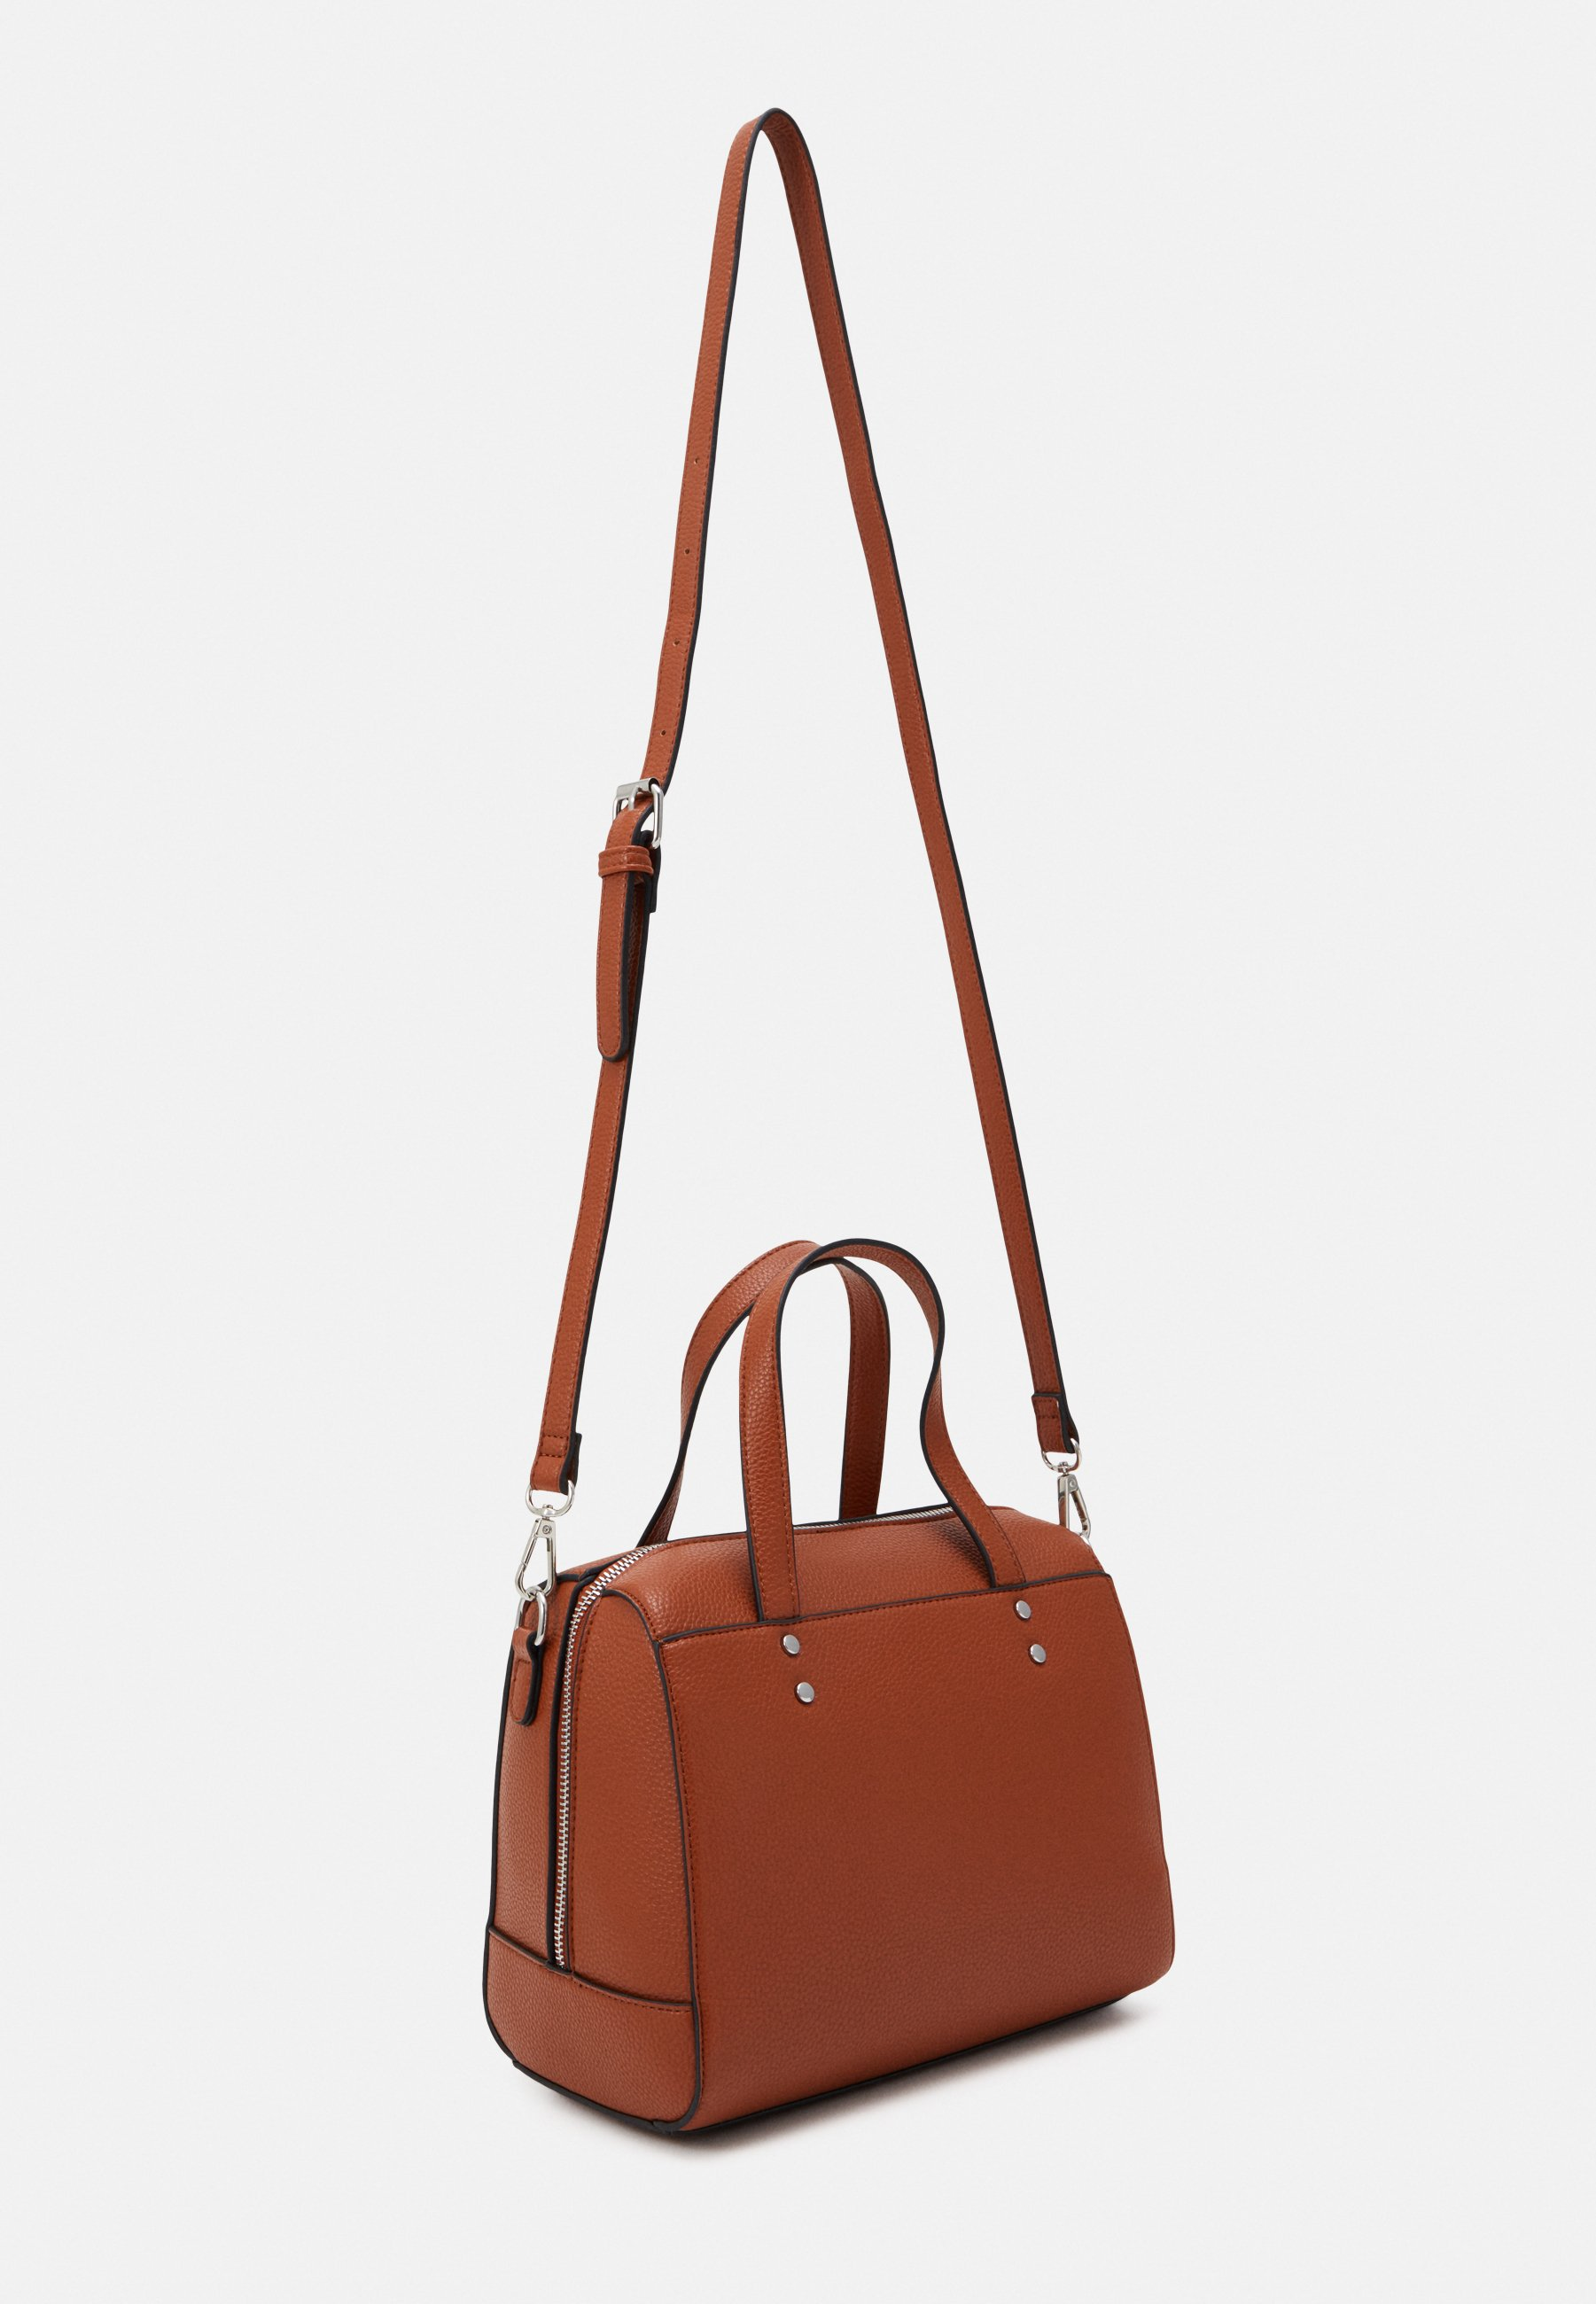 Benetton Bag - Handtasche Cognac